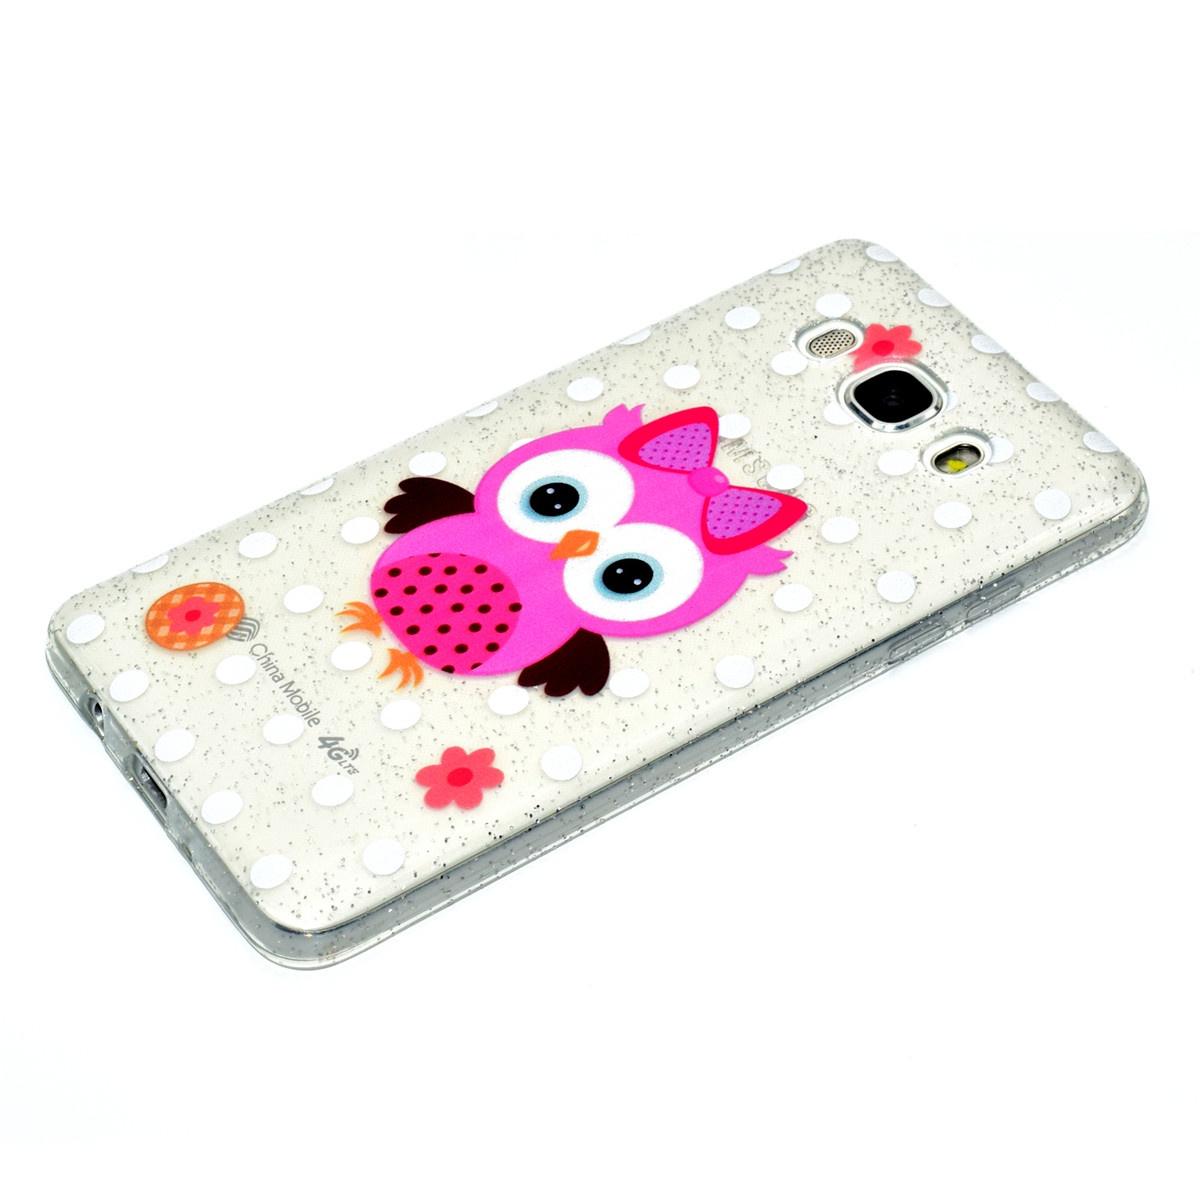 Для Samsung Galaxy J3 J310 Tpu Прекрасный мультфильм с надписью Glitter Tpu Phone Case Anti-scratch Противоударный протектор задней крышки (цветок Сова) (2402)